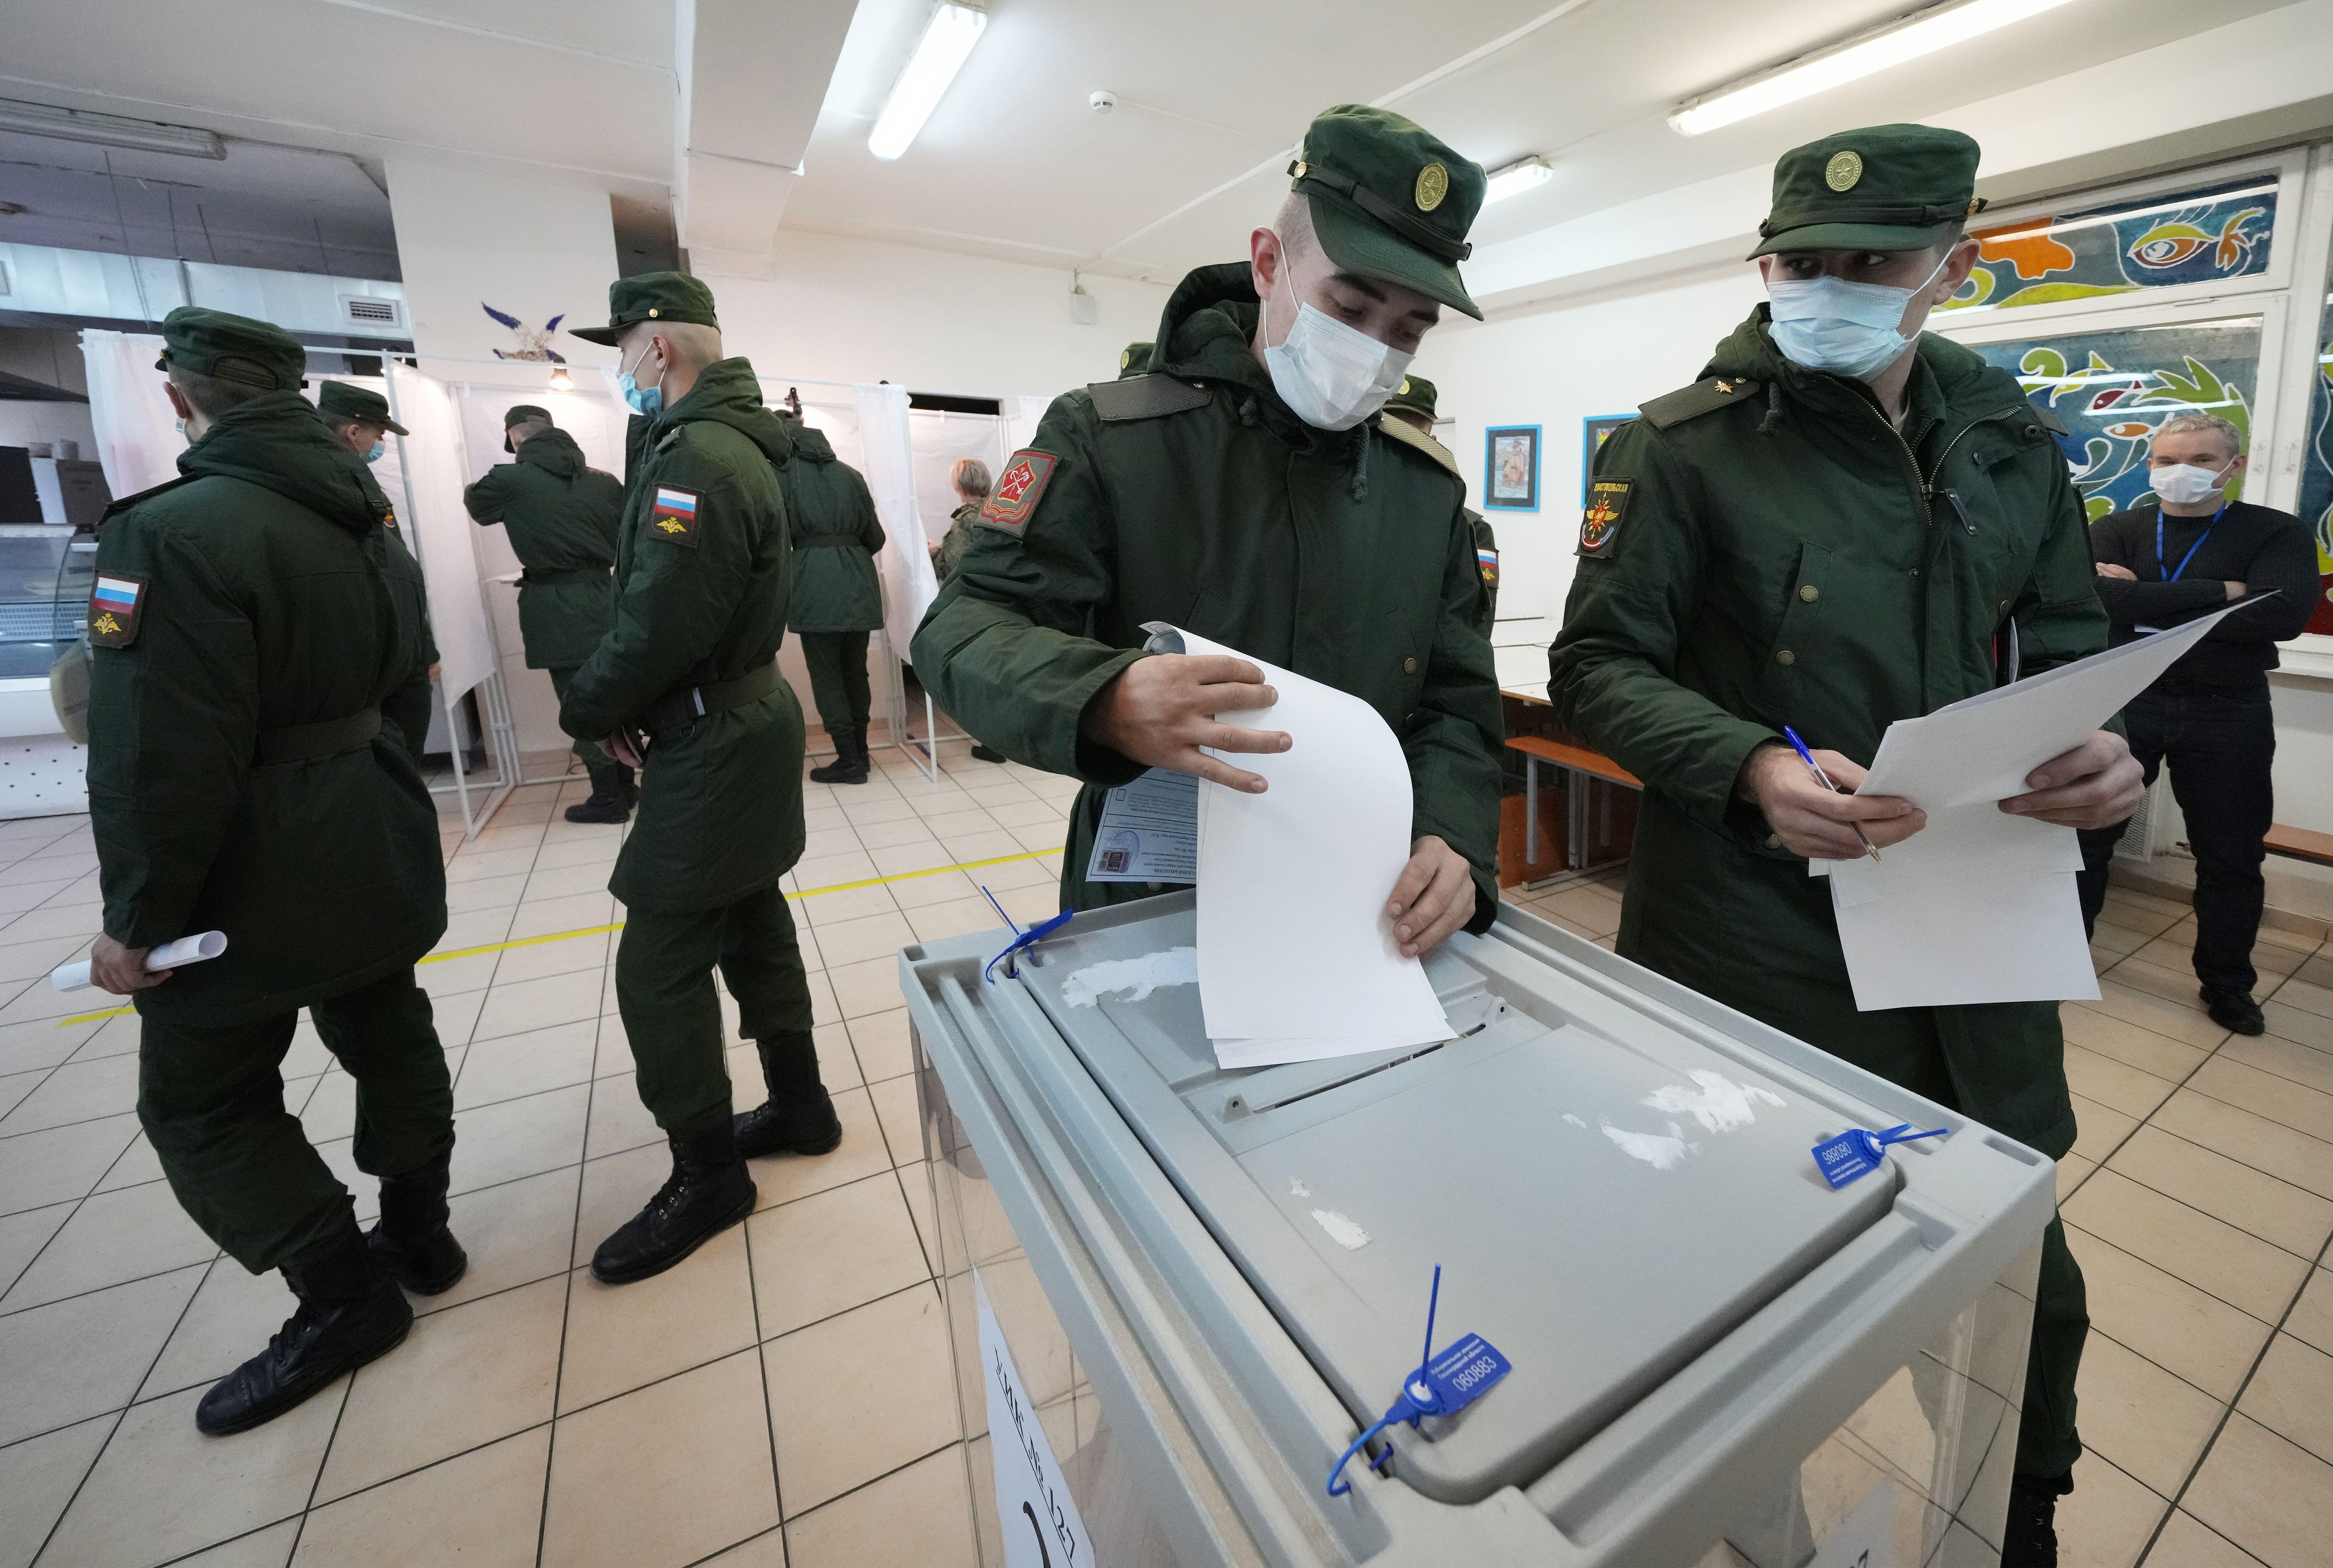 retiran app de navalny en 1ra jornada de elecciones en rusia